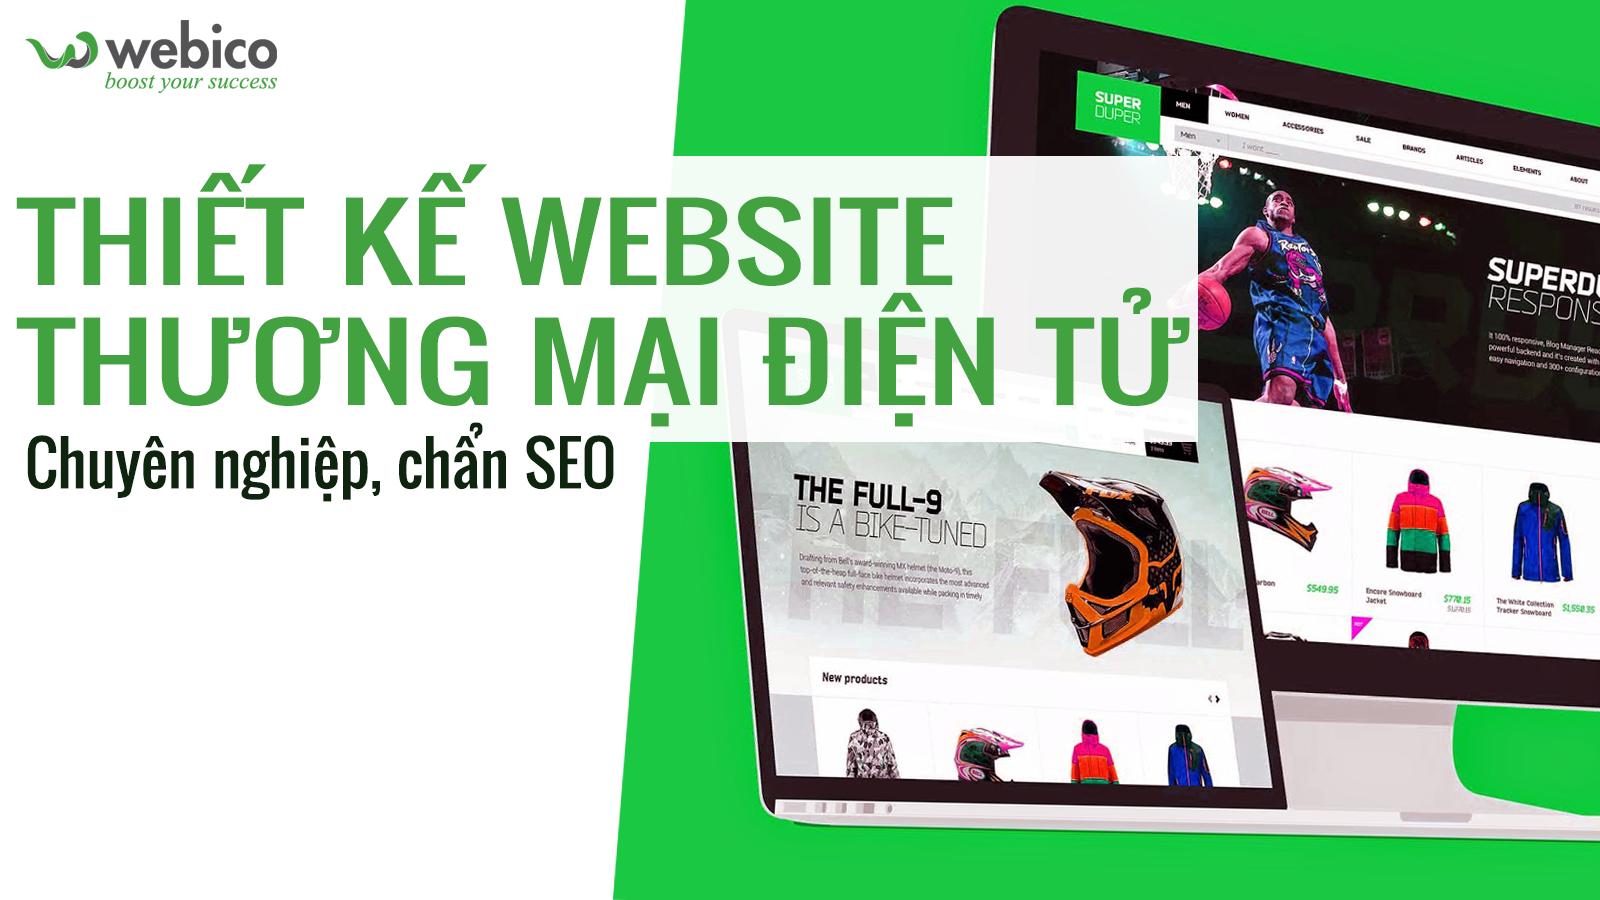 CÔNG TY THIẾT KẾ WEBSITE UY TÍN CHẤT LƯỢNG